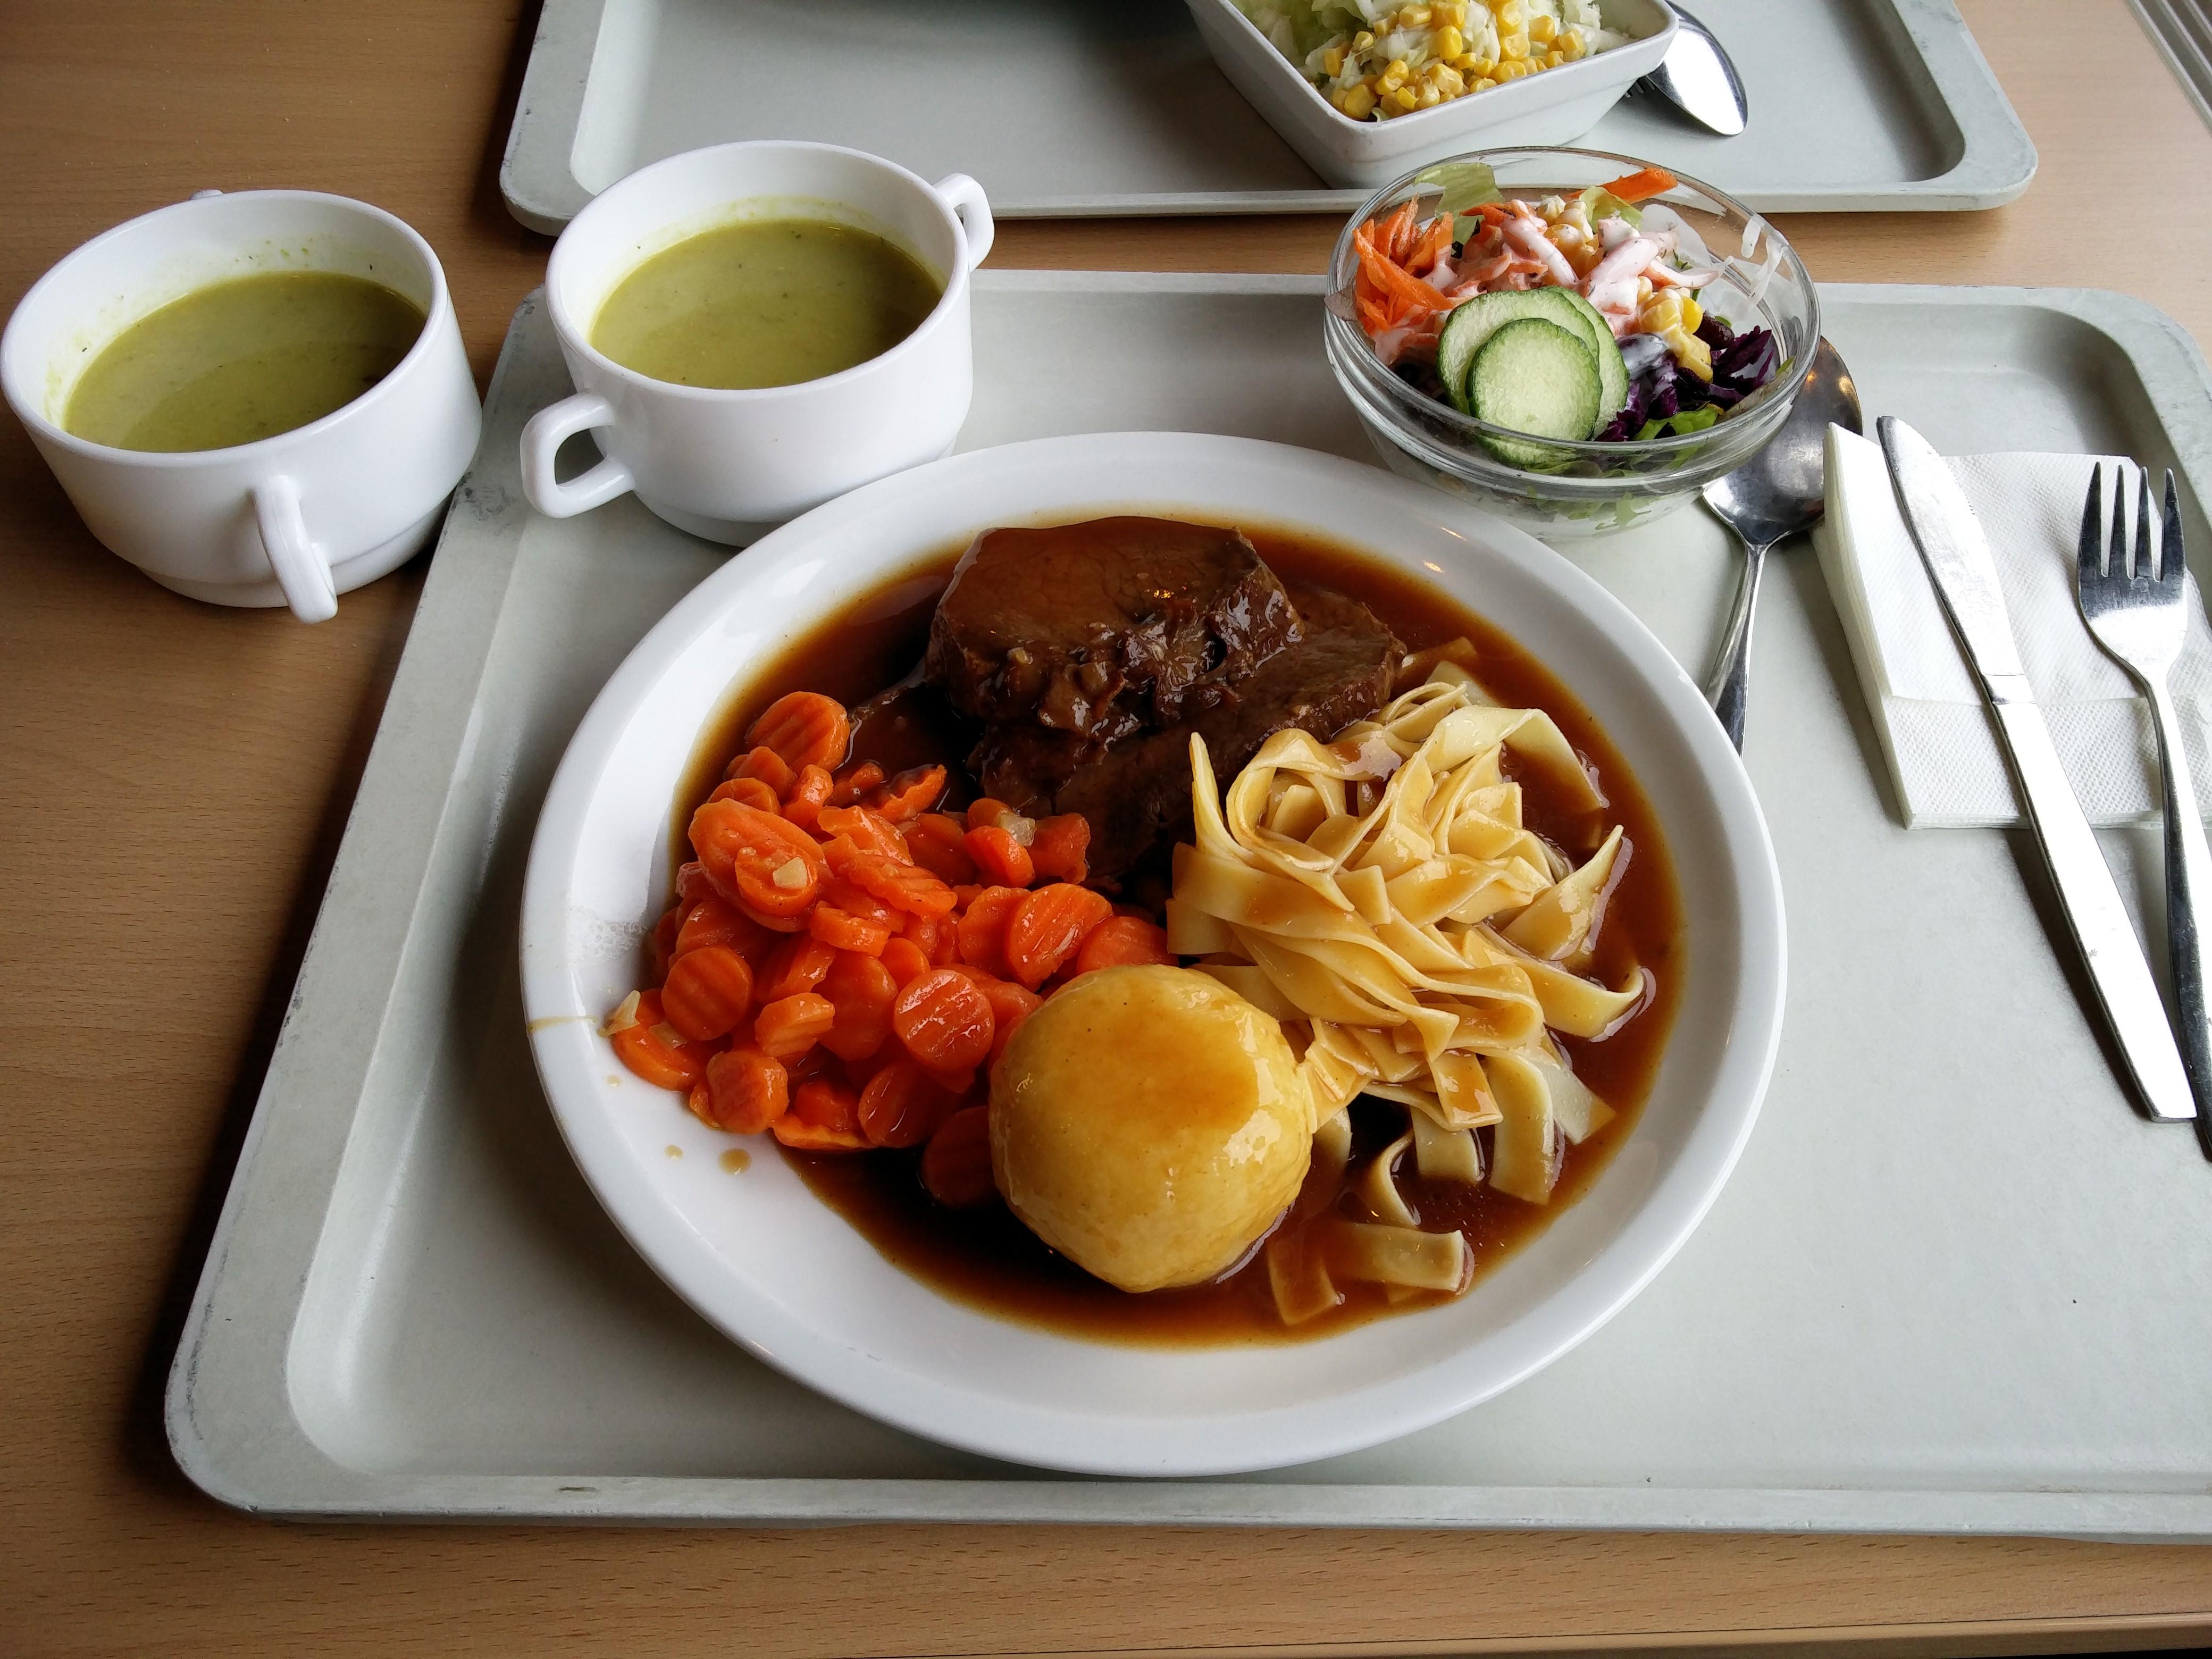 https://foodloader.net/nico_2015-11-25_sauerbraten-nudeln-knoedel-moehrengemuese-suppen-salat.jpg